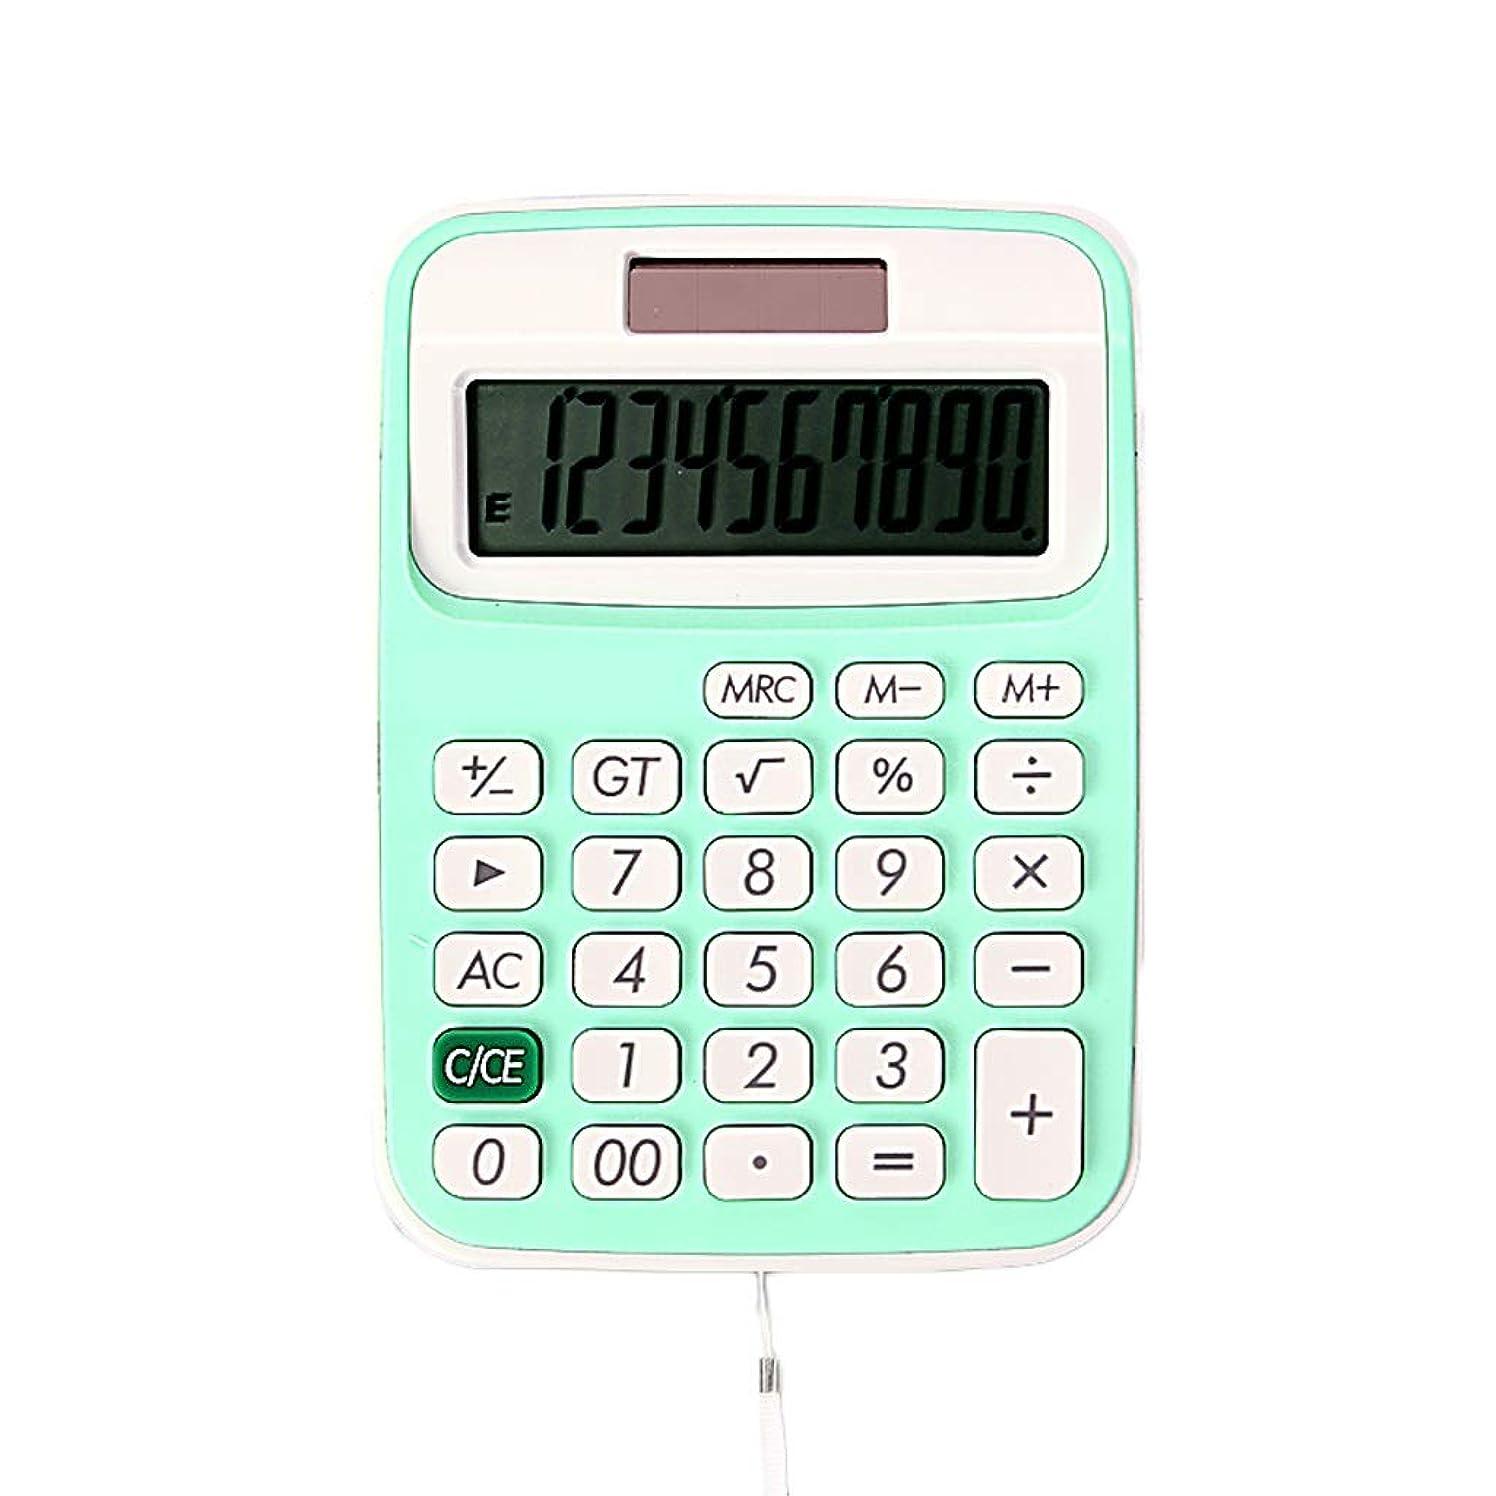 スクラップブック動物決定デスクトップ電卓 ストラップ付きソーラーデュアルパワーポータブルミニ電卓かわいい小型10桁コンピュータ 正確な計算 (Color : Light Green)